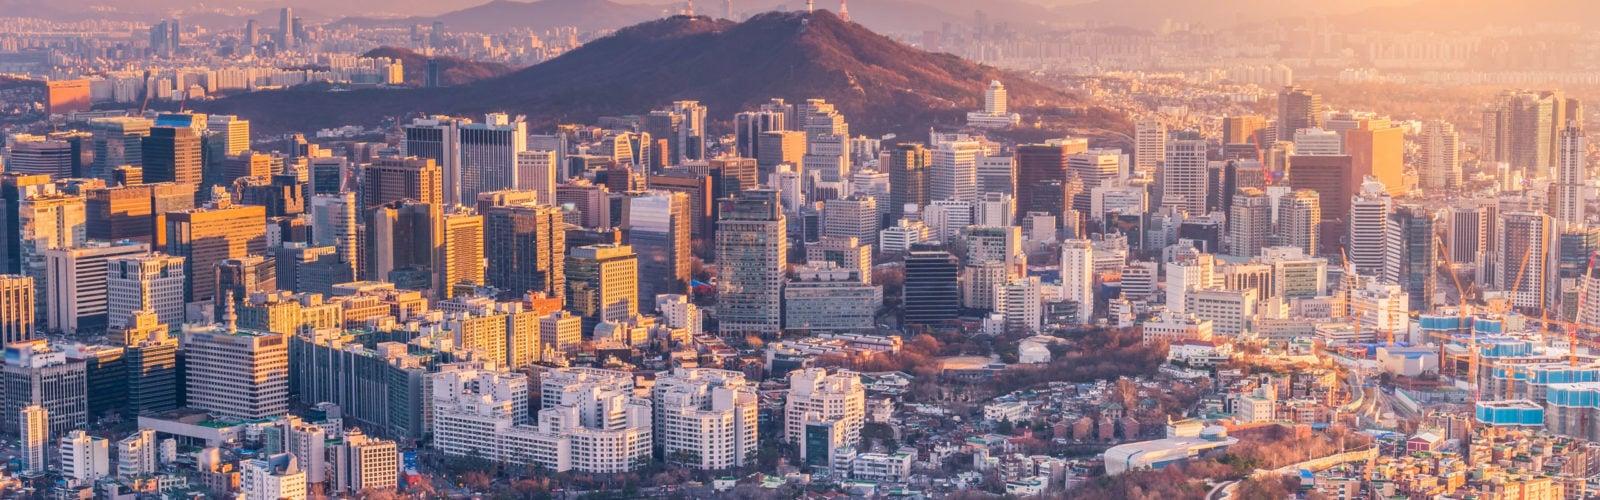 seoul-city-skyline-south-korea